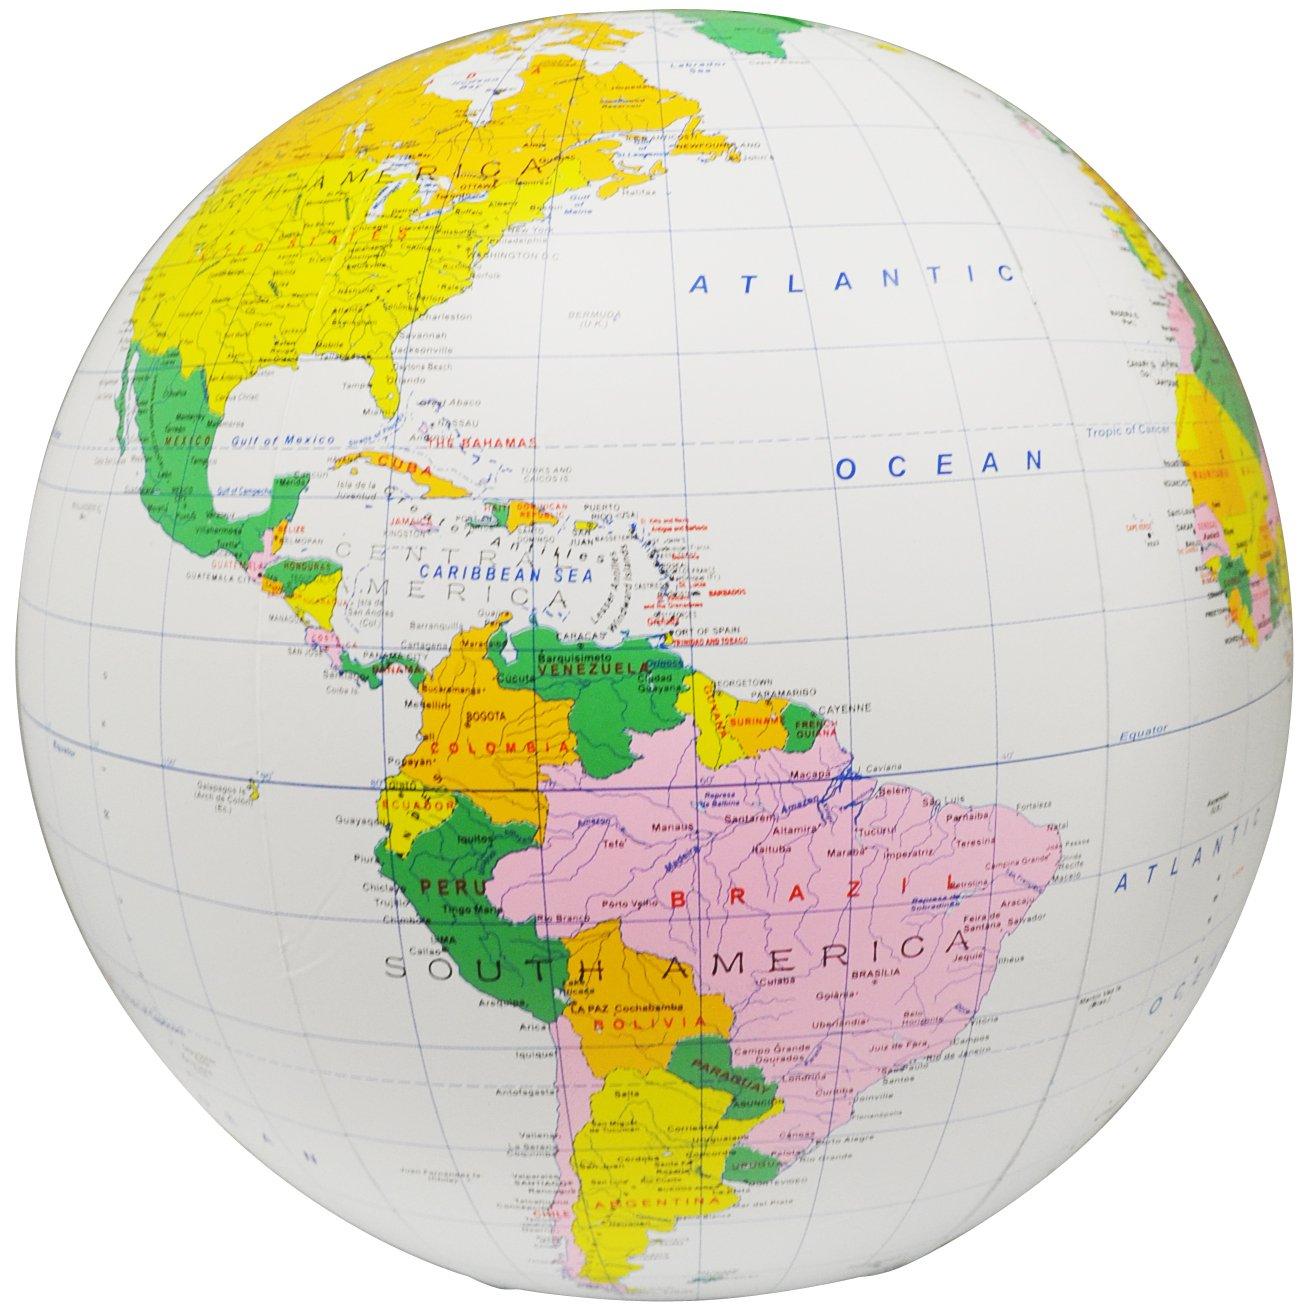 16 pulgadas inflable globo político con precisión Mapa de País Fronteras Y Líneas De Latitud y Longitud -- perfecto juguete educativo. 16